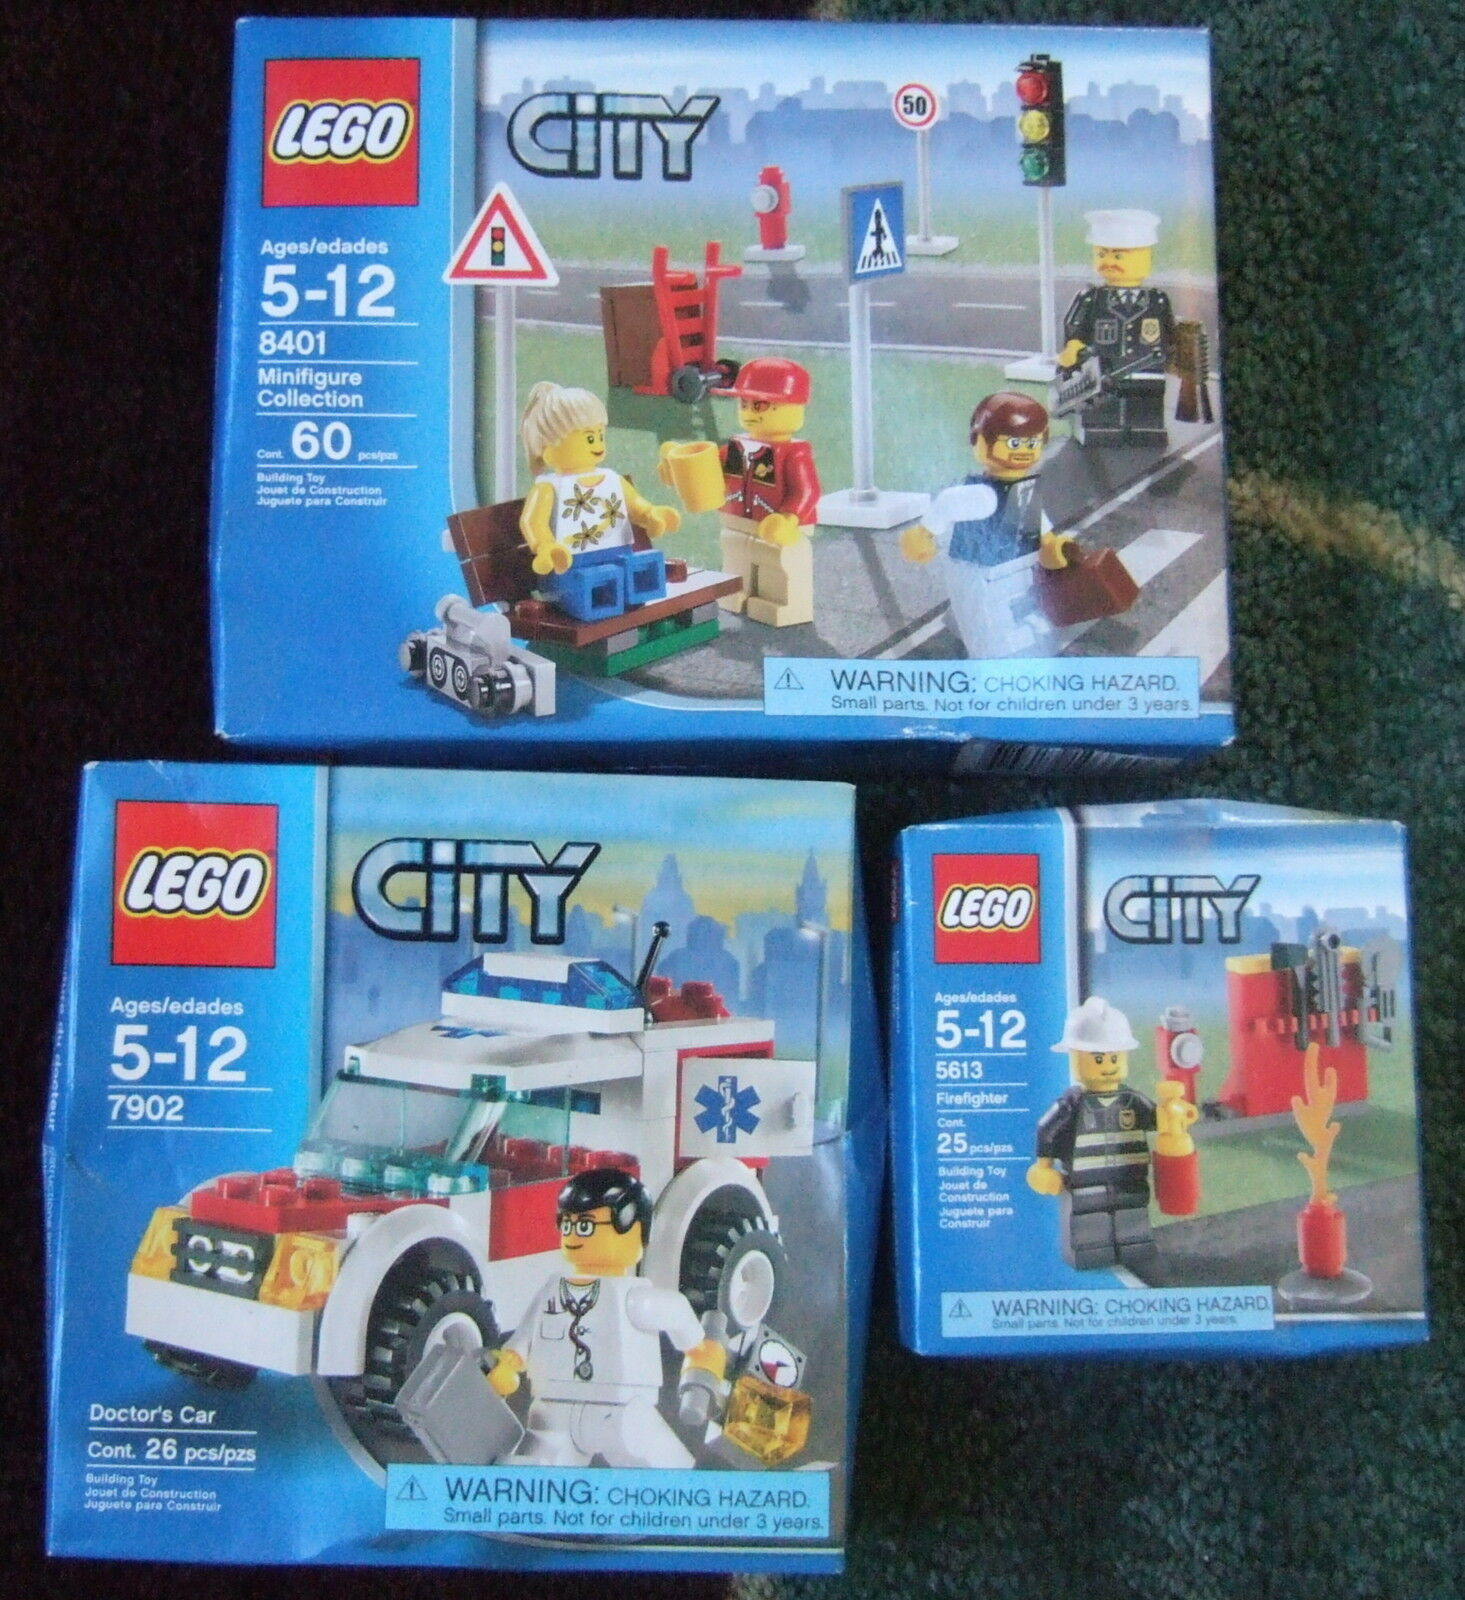 3 SEALED OLDER LEGO SETS FIREFIGHTER MINIFIGURES, DOCTOR'S CAR